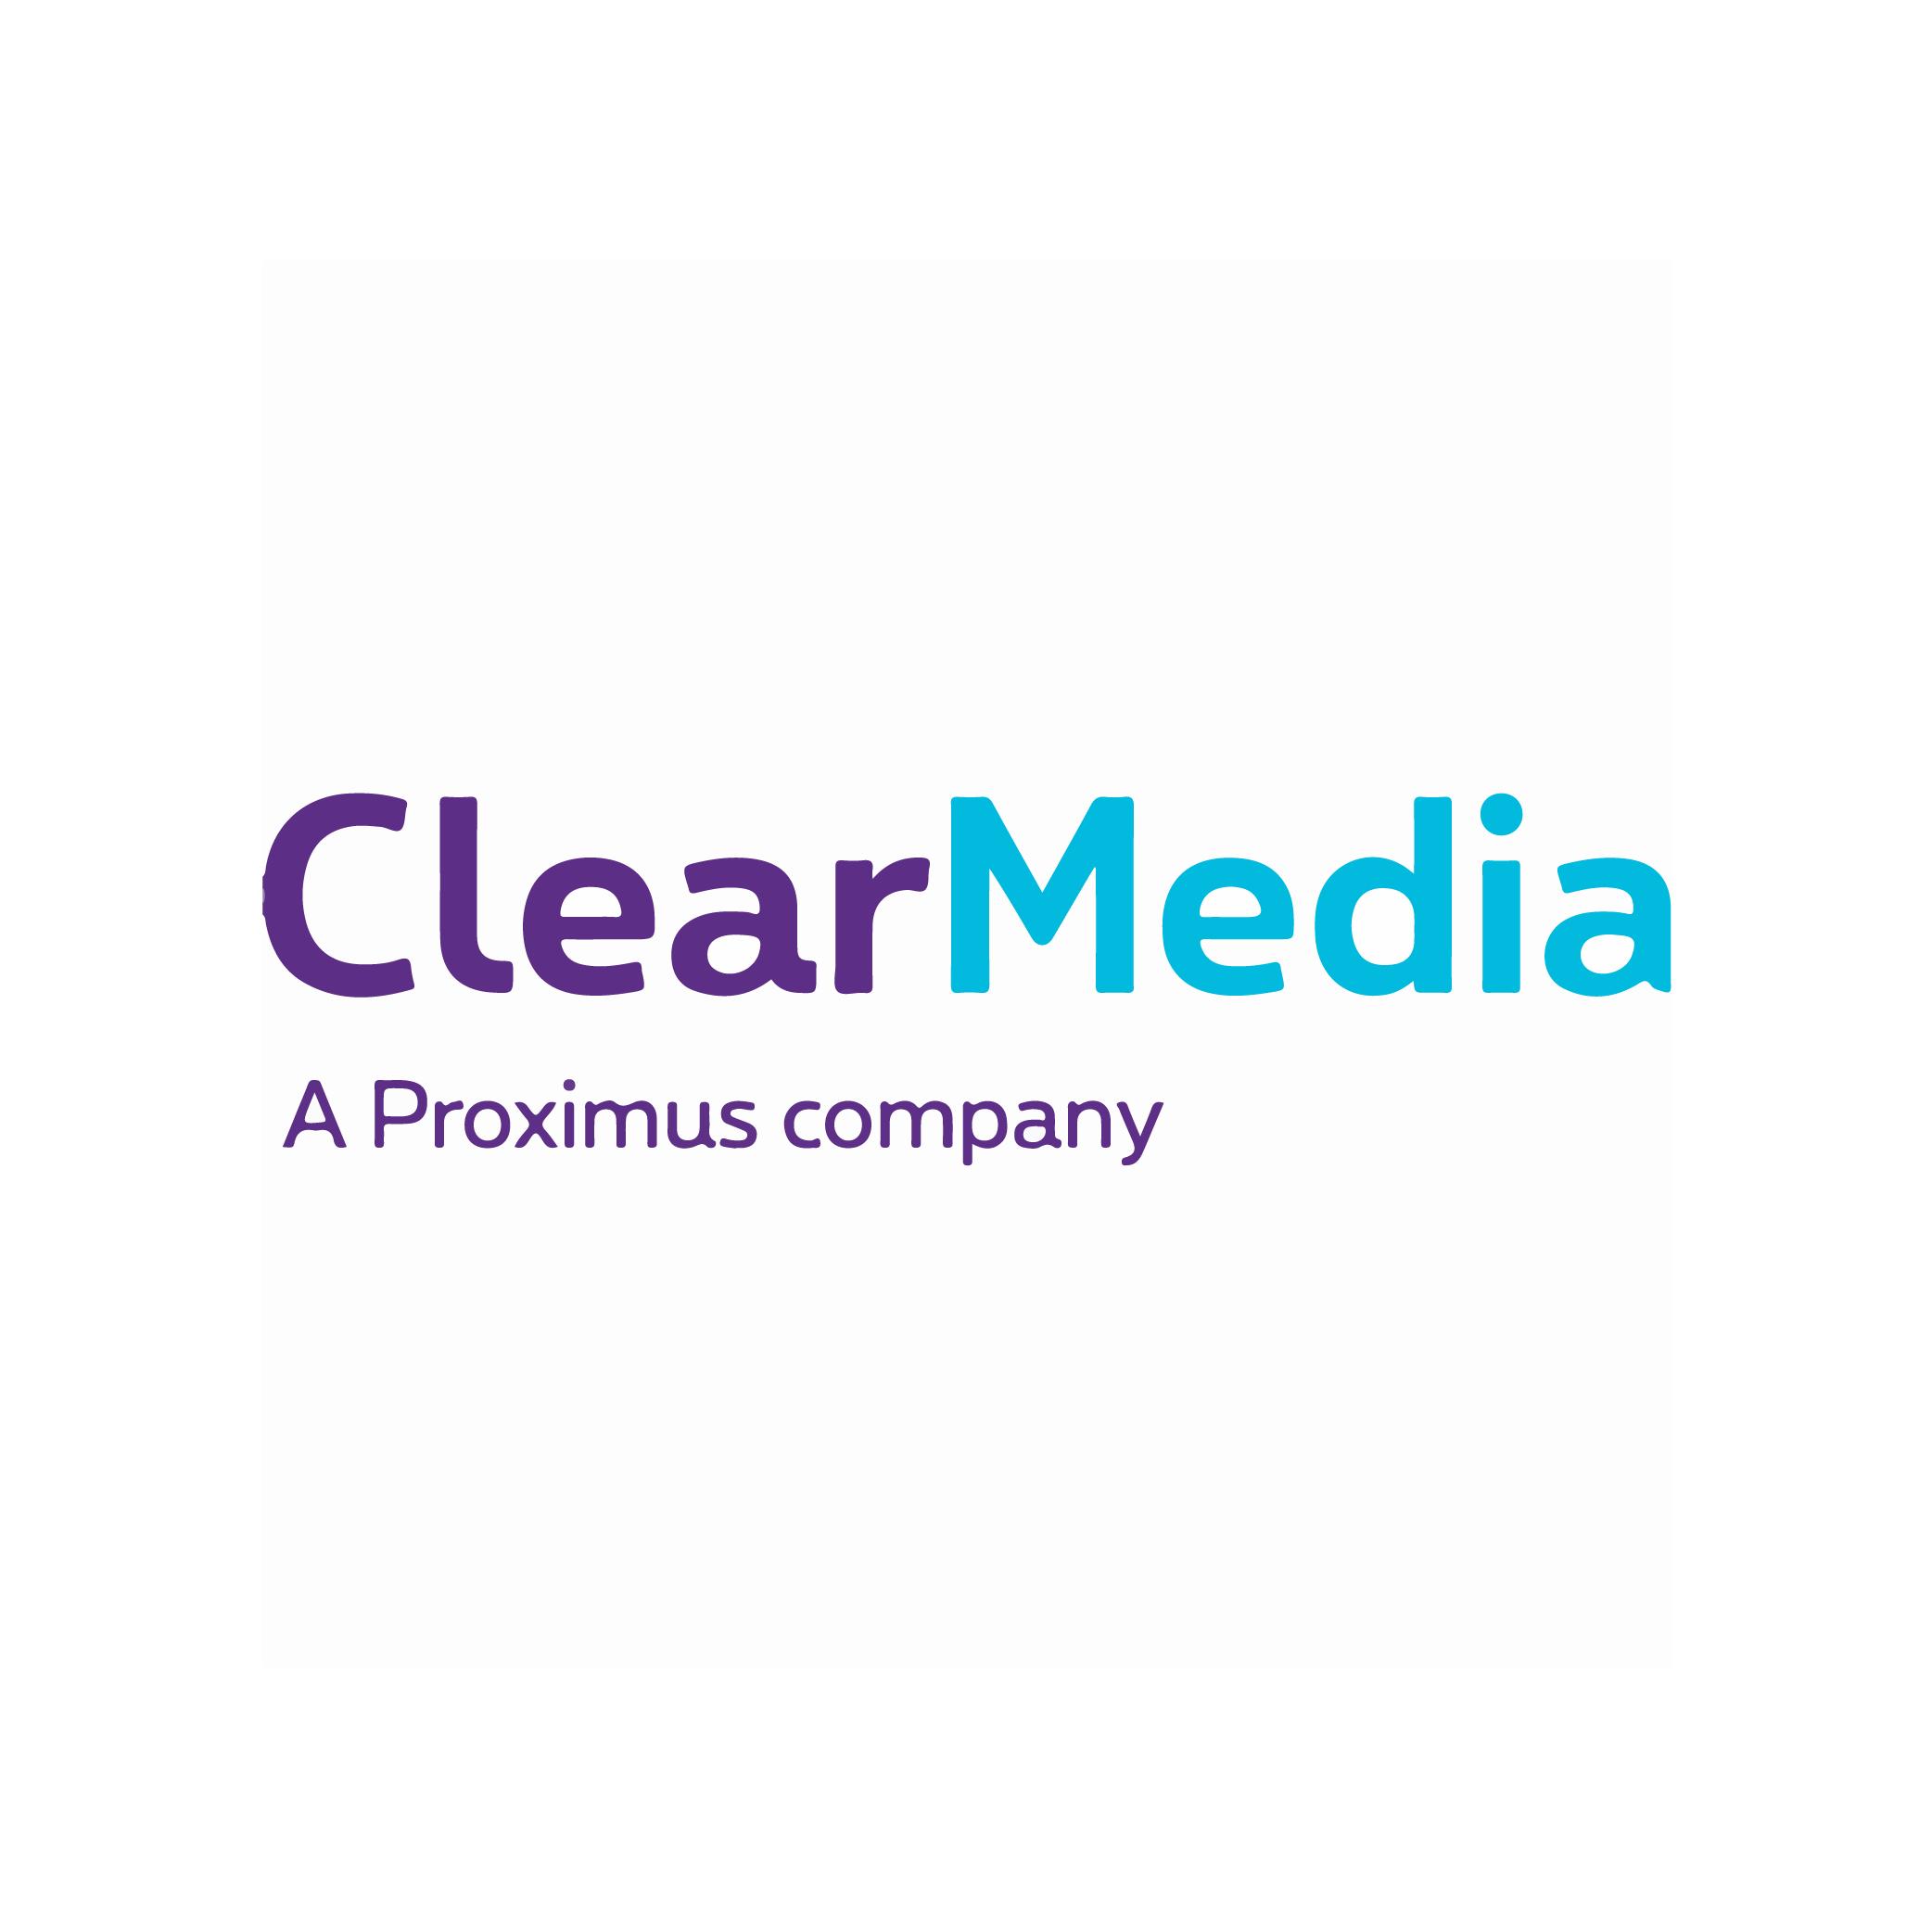 ClearMedia